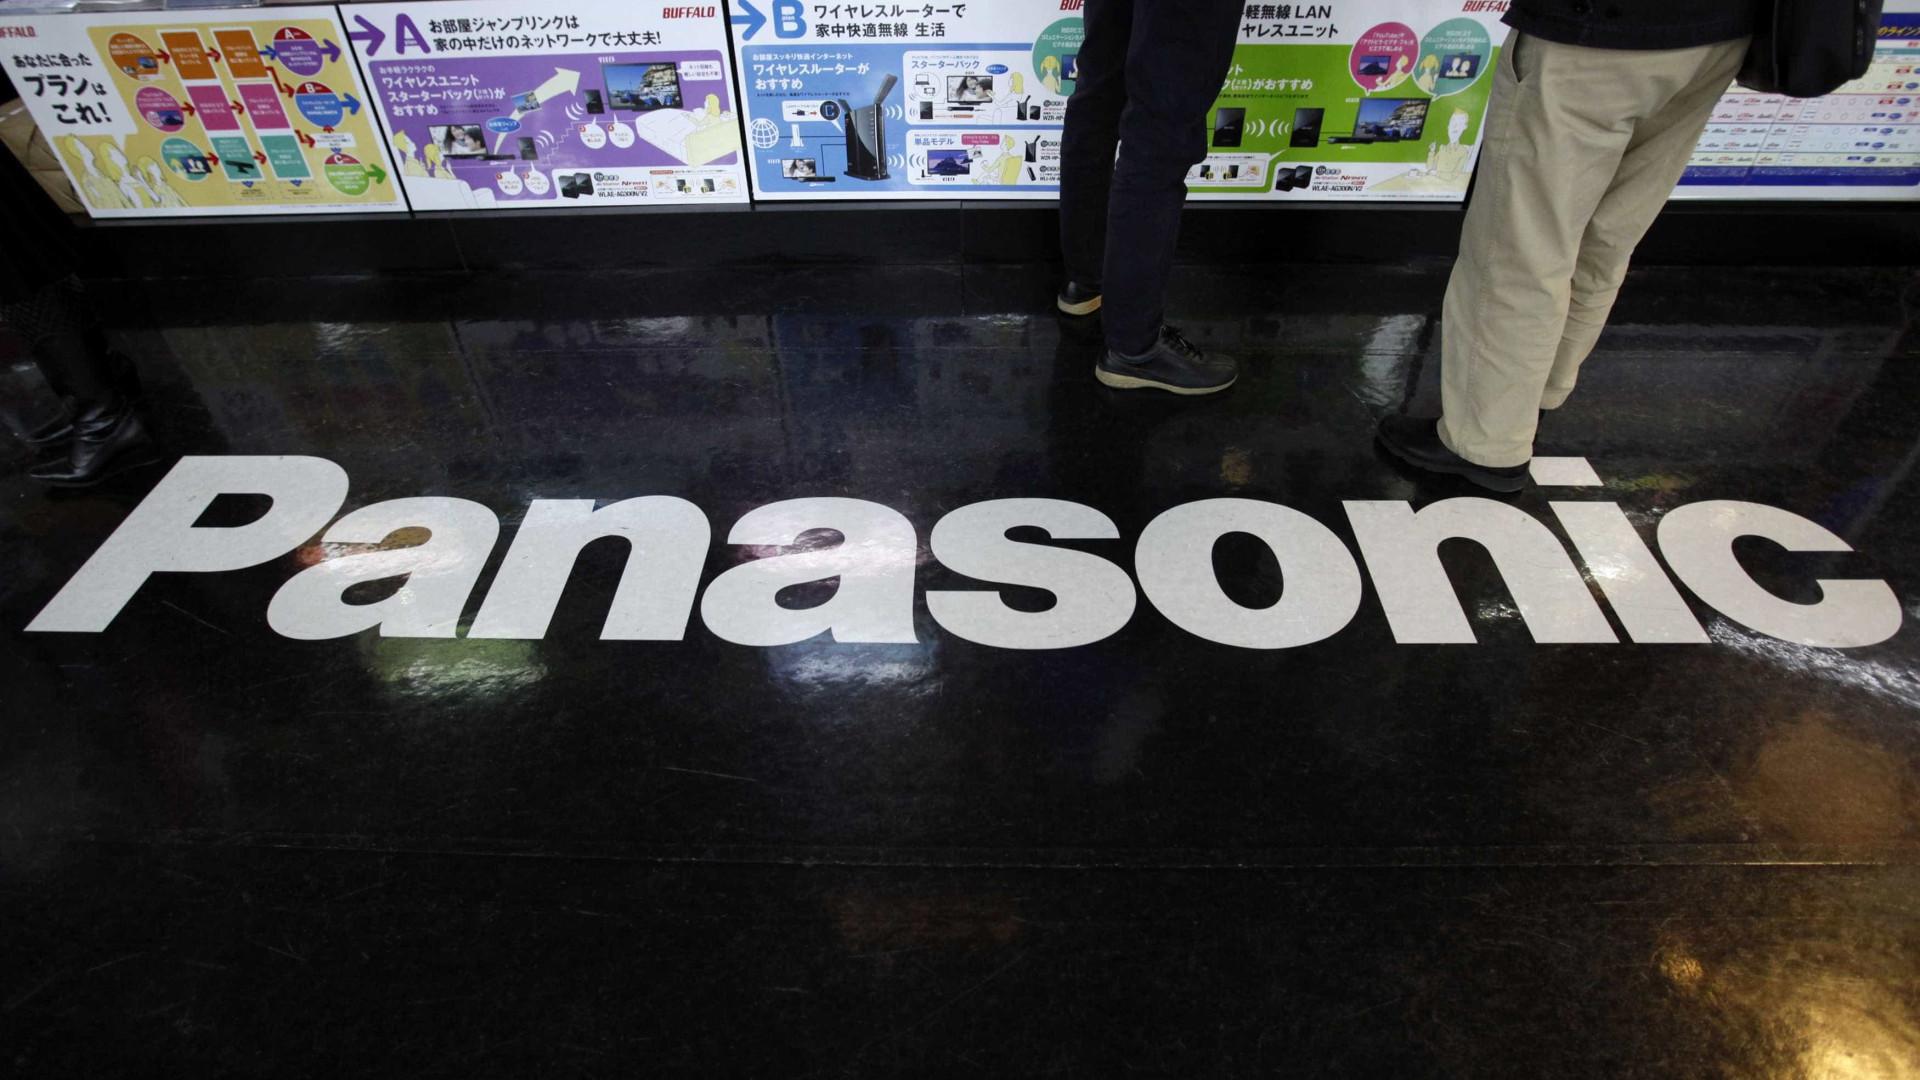 Panasonic: Operações com Huawei que não violam restrições mantêm-se